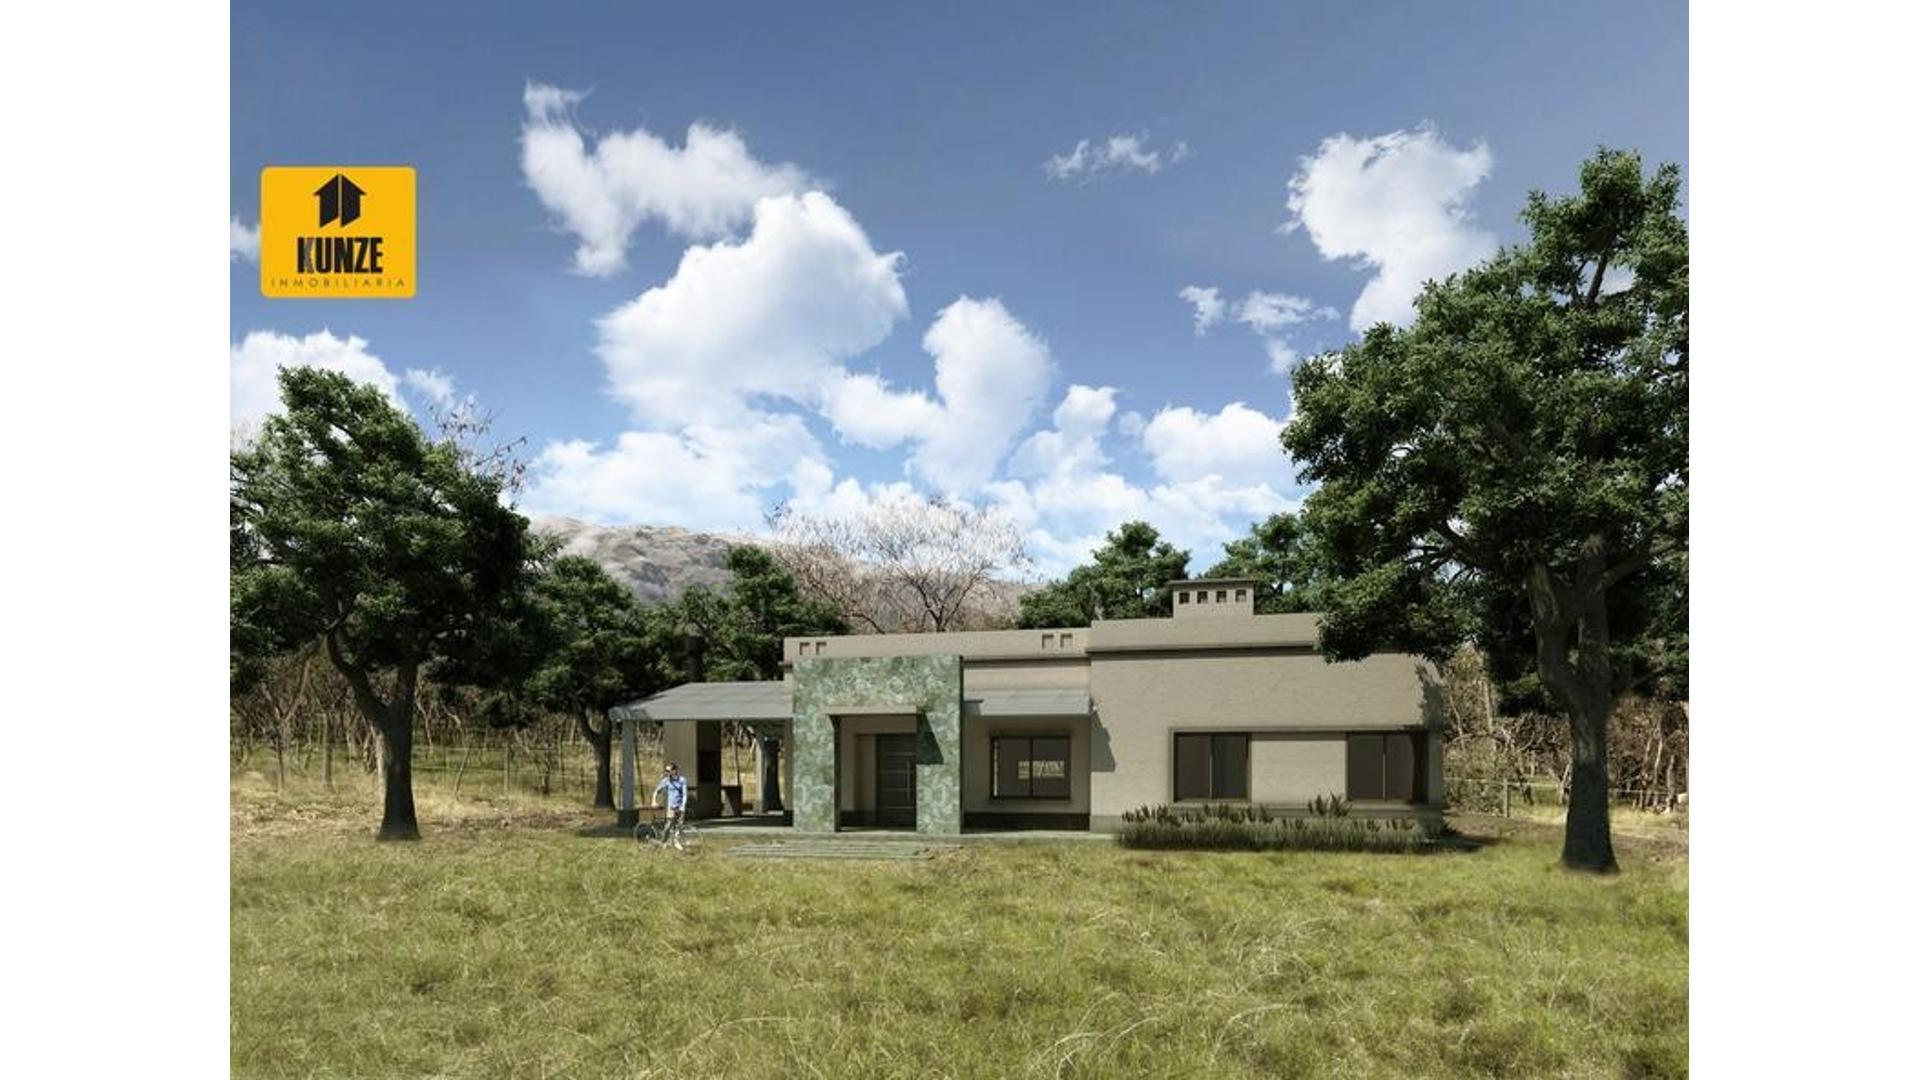 Casa en venta  Apto crédito  Merlo  San Luis  3 ambientes